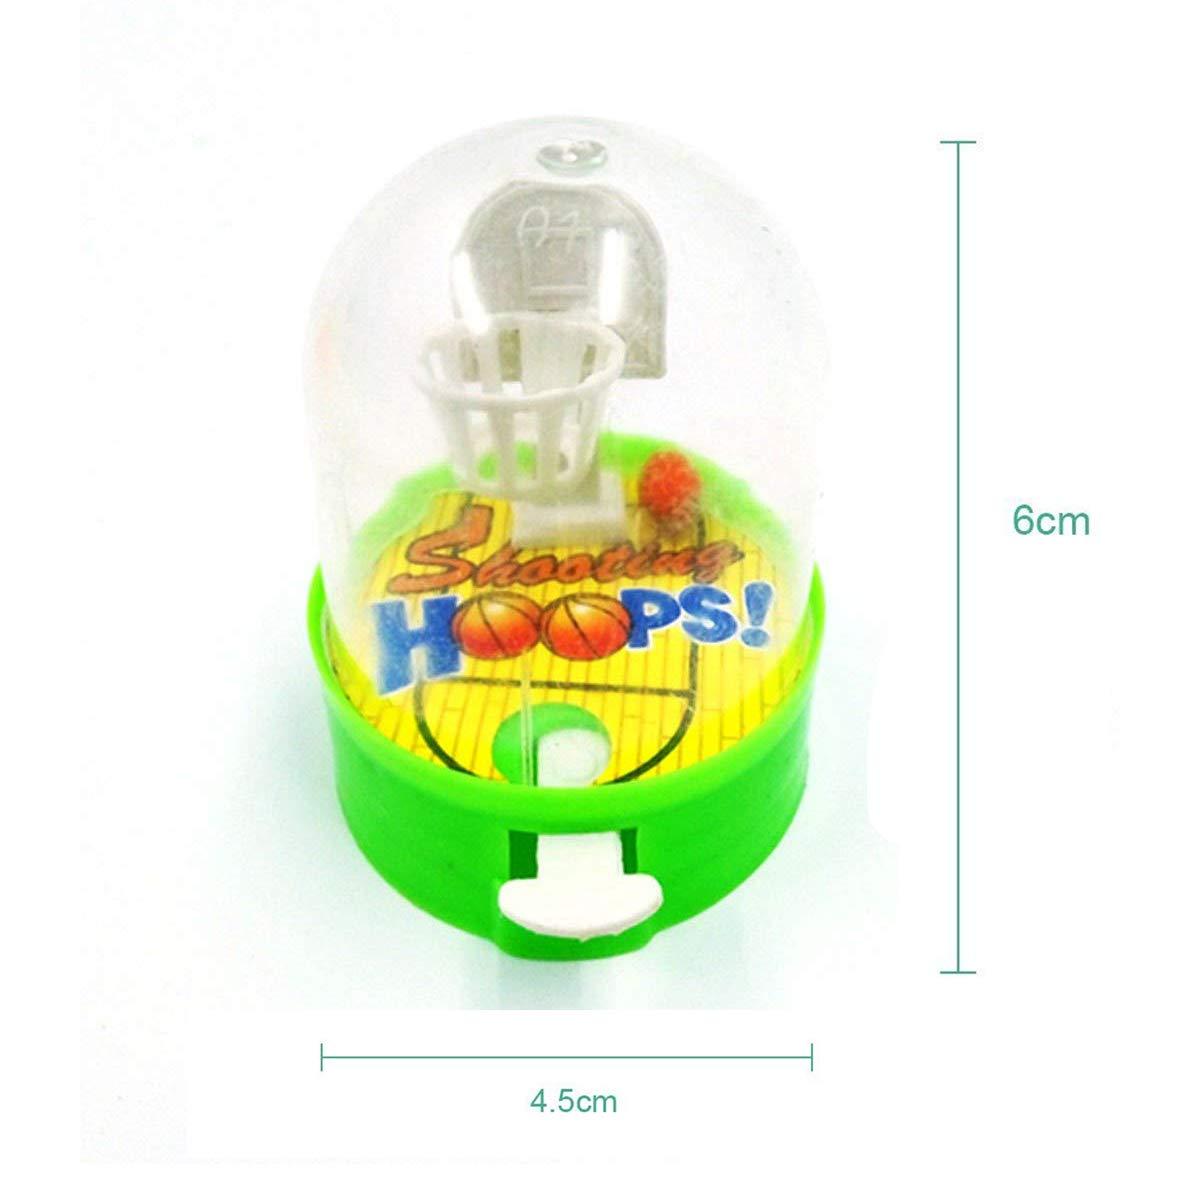 Ulikey Mini Baloncesto de Mesa Juego de Disparos, Mini Juguetes de Mano de Juego de Baloncesto Mini Baloncesto para Niños (Color Aleatorio)